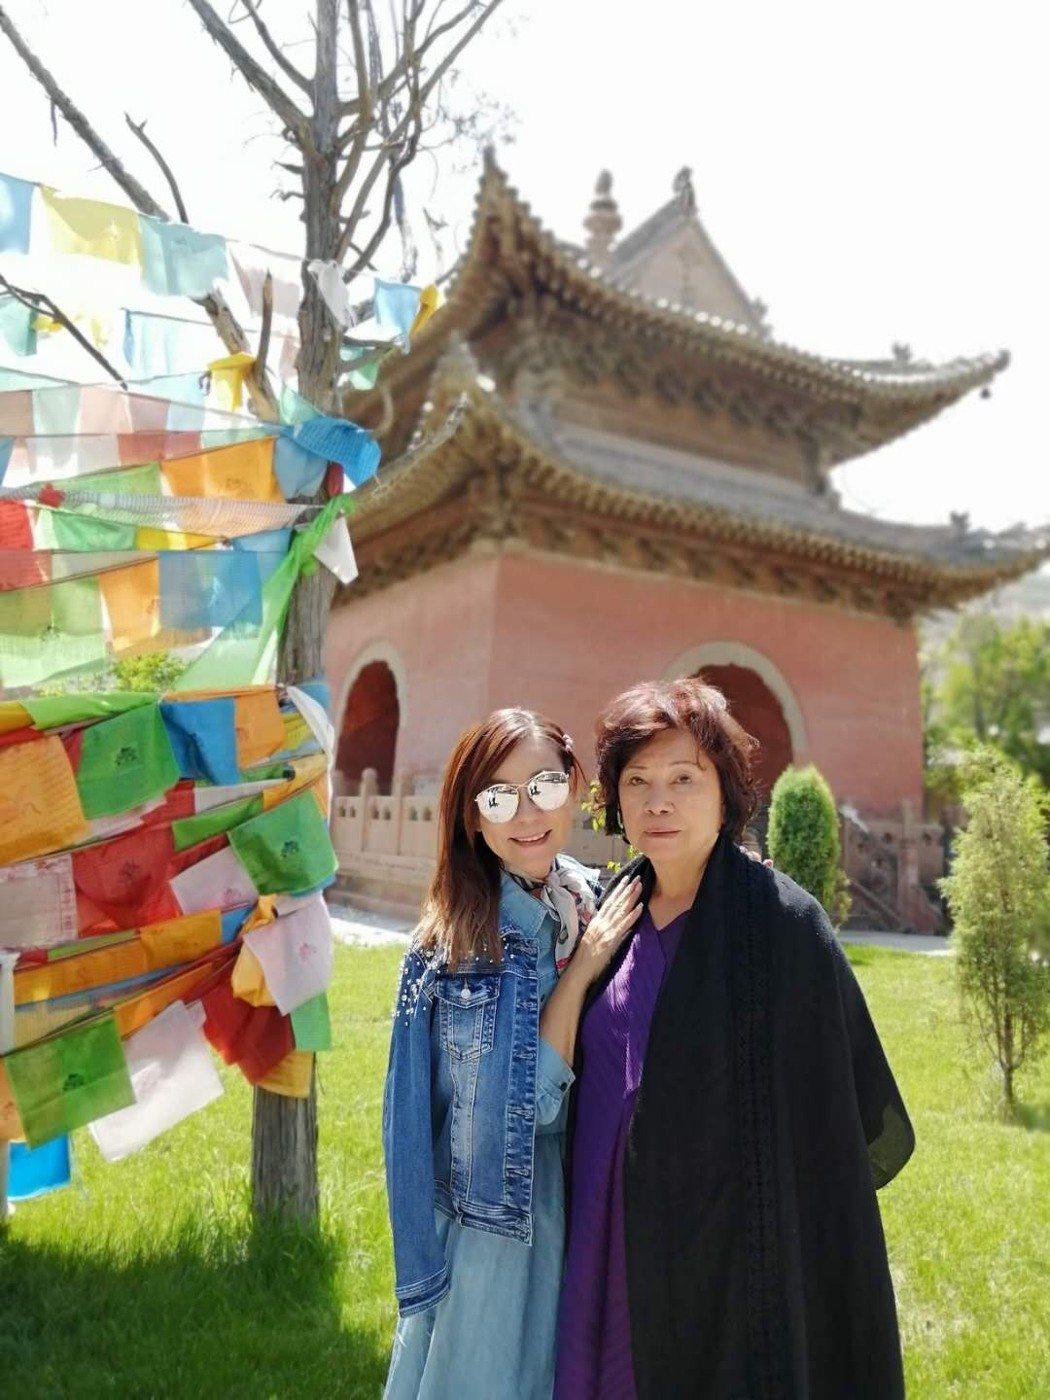 龍千玉(左)跟媽媽同住,常四處遊山玩水。圖/豪記提供